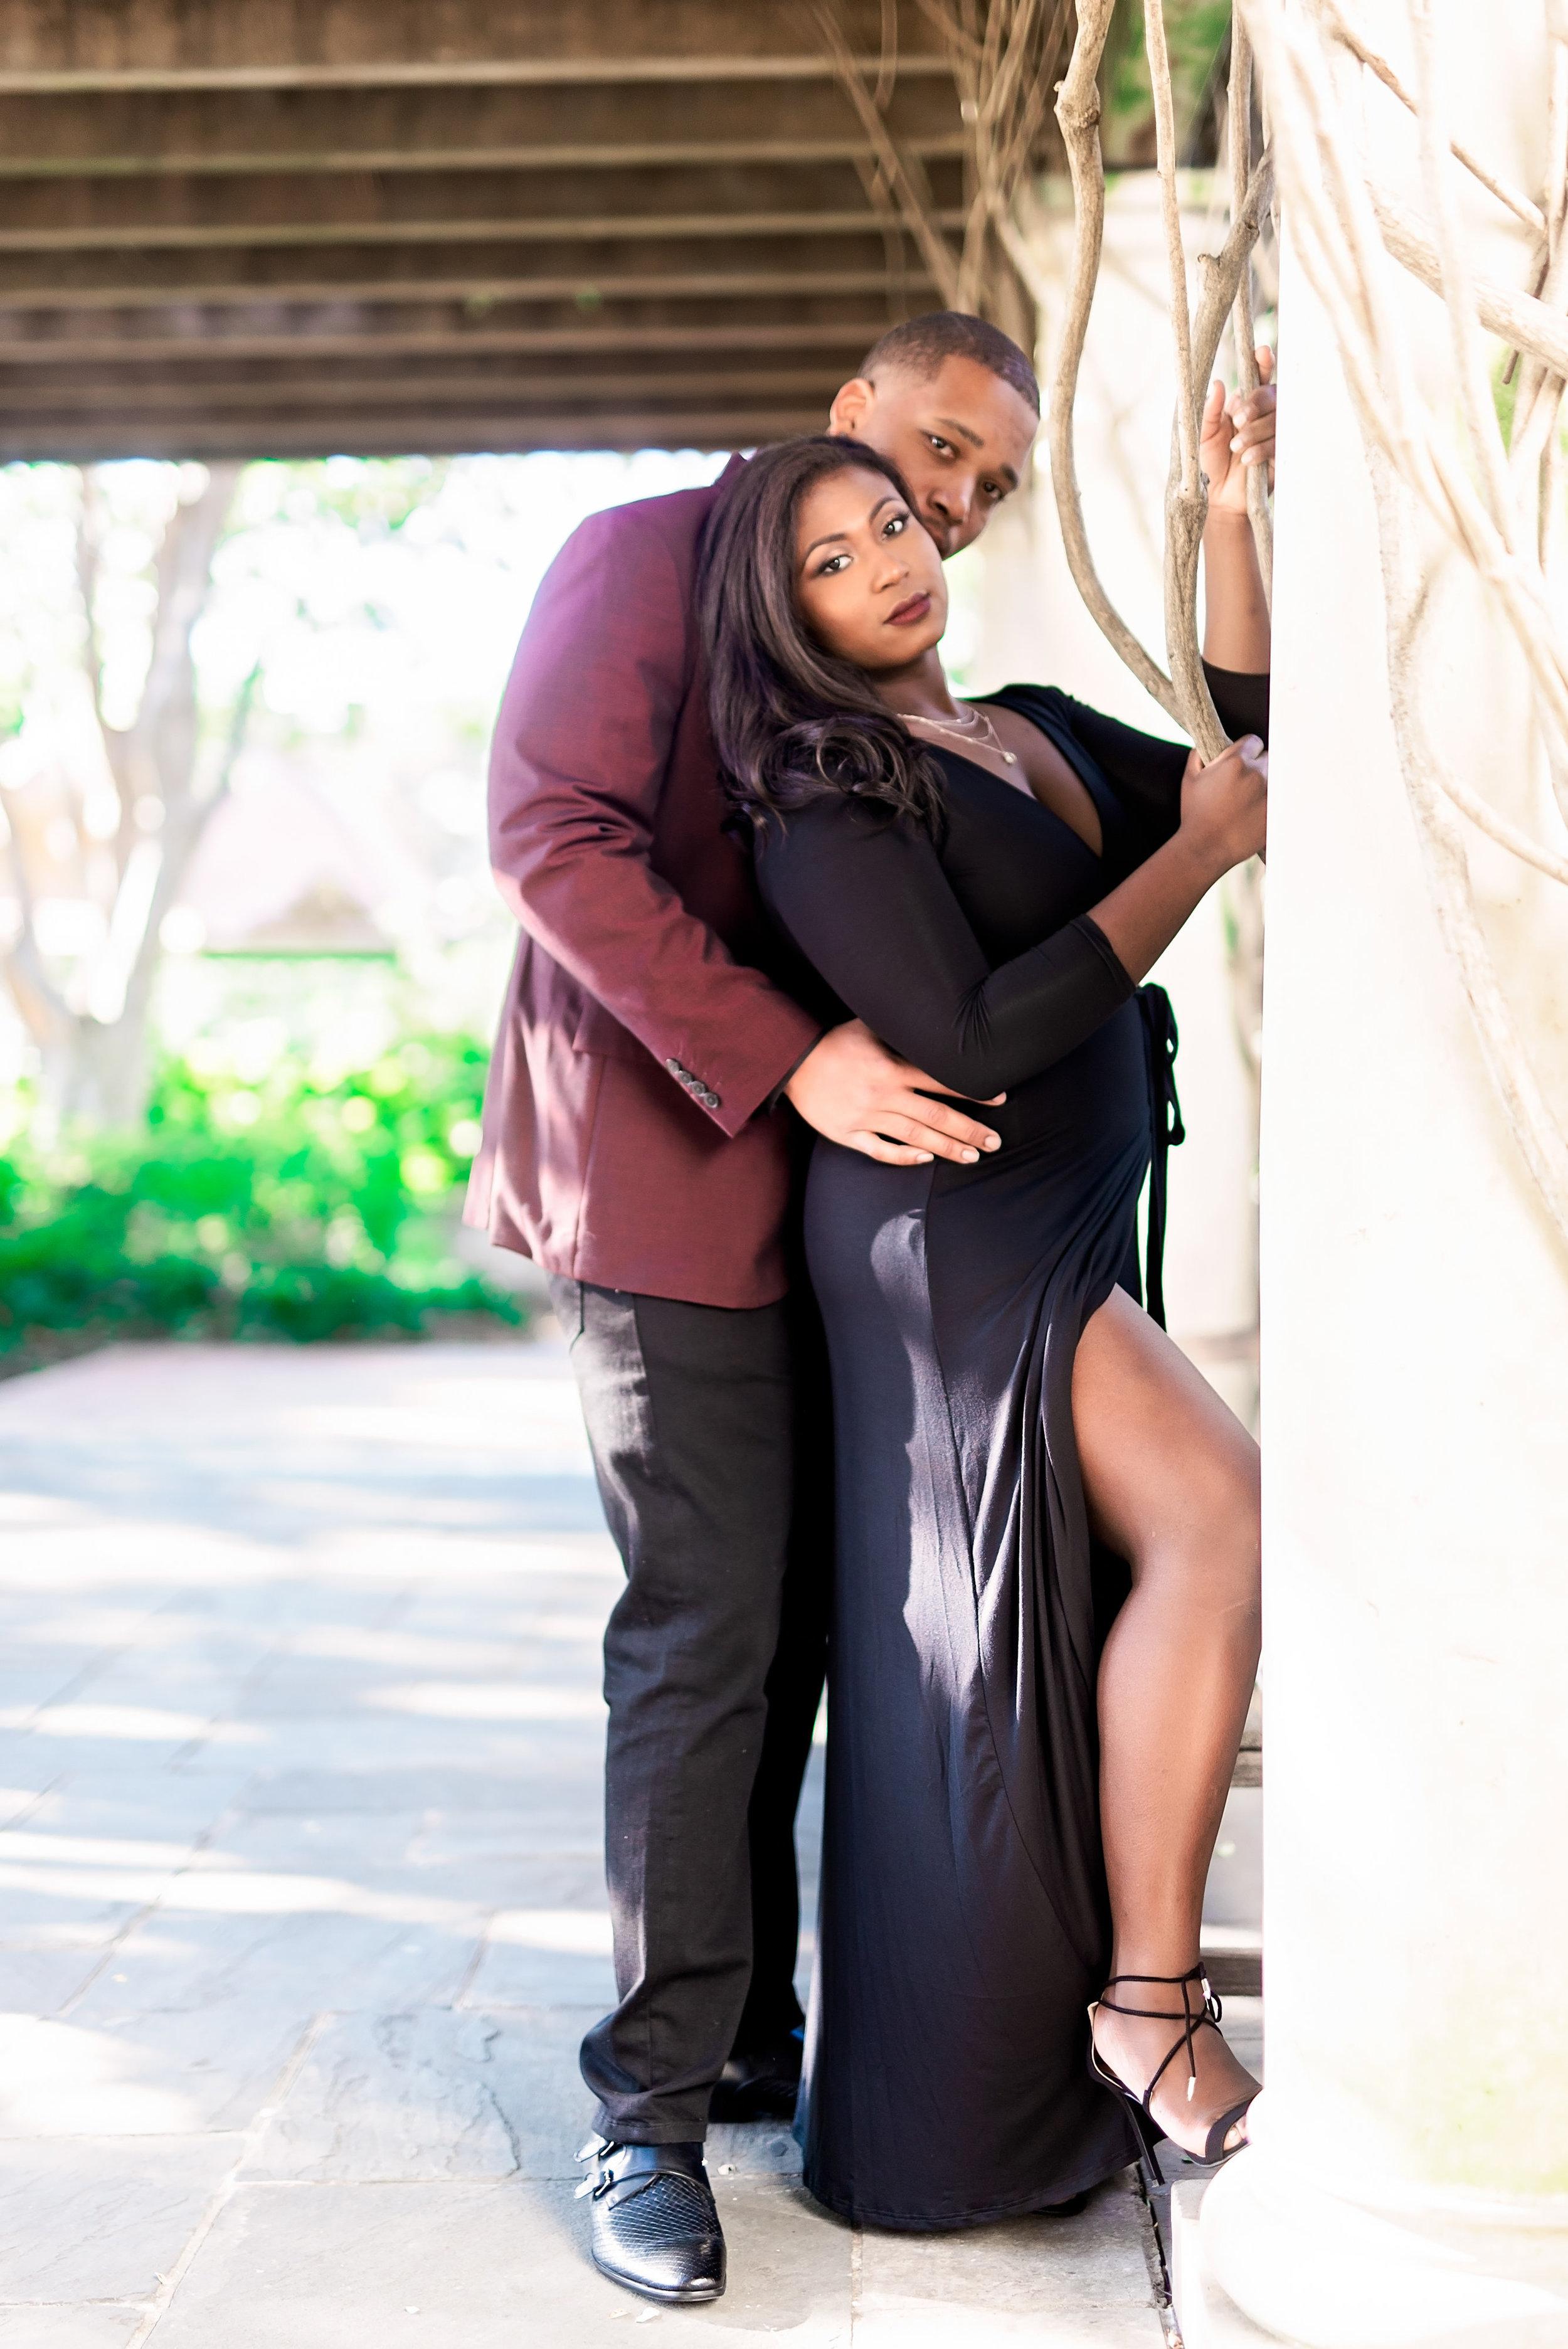 Kevin-Adriana-Pharris-Photography-Engagement-Photoshoot-6.jpg